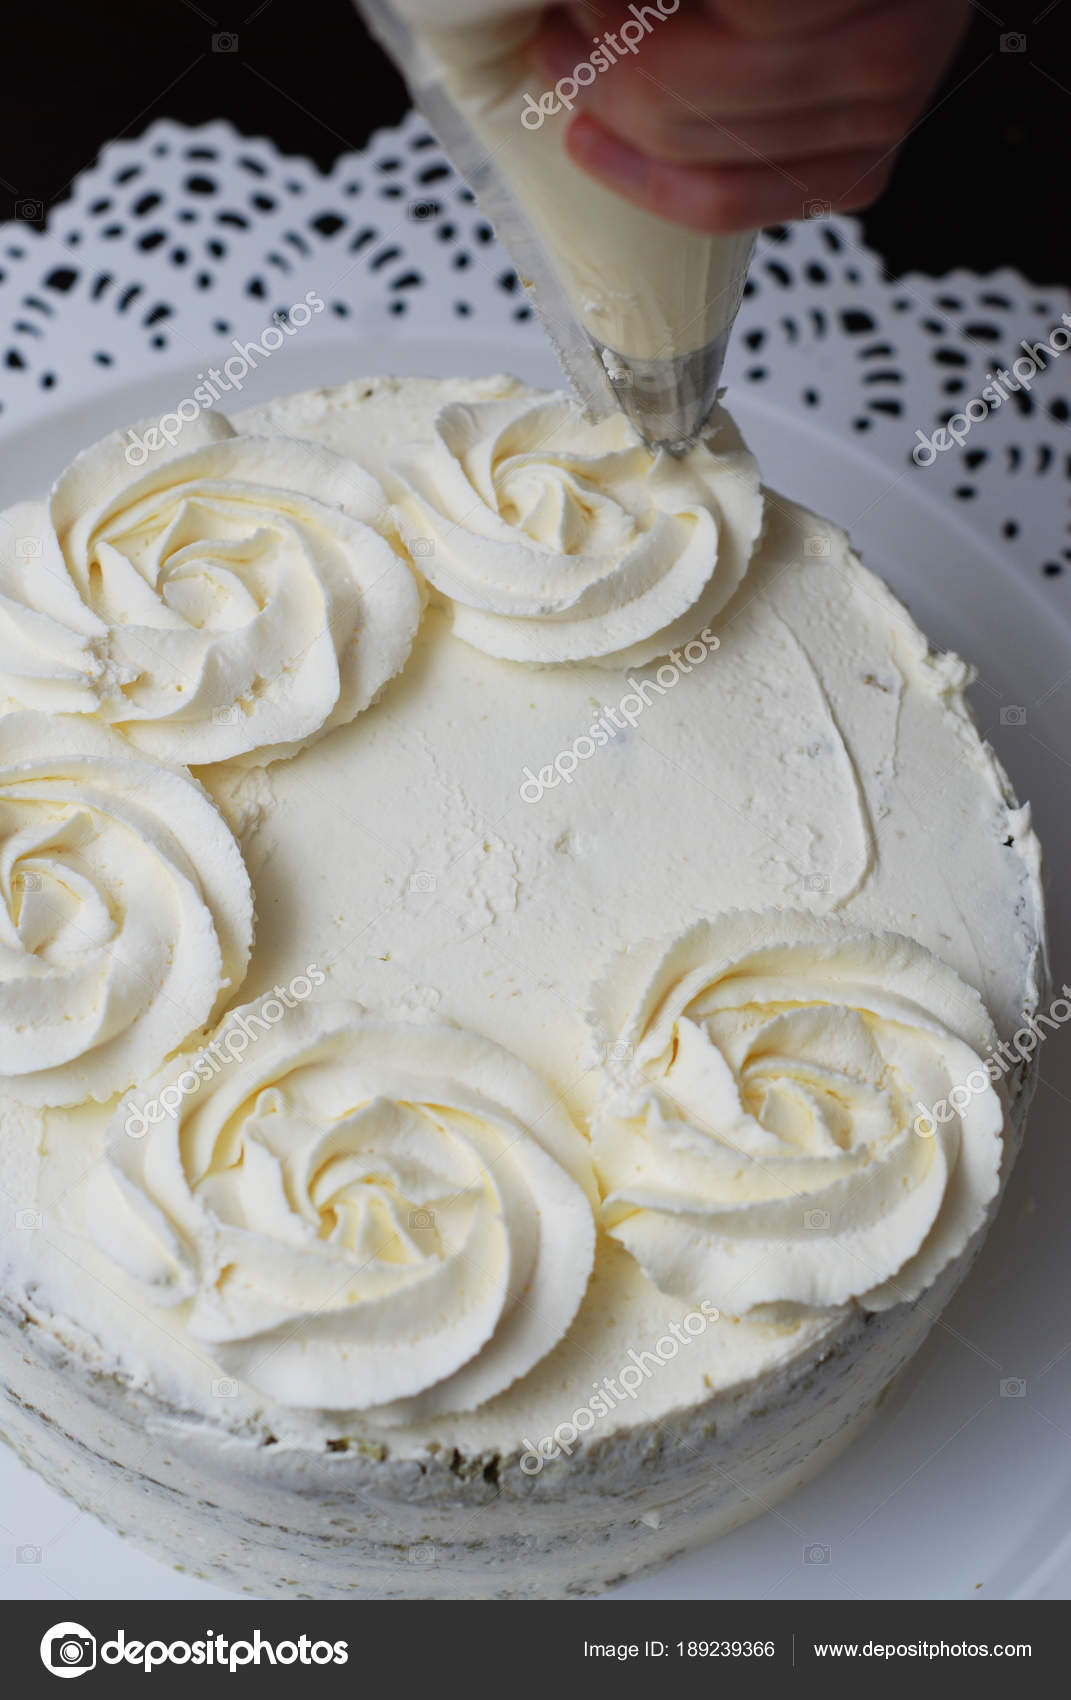 Femmes Main Décoration Gâteau Avec Une Poche à Douille Avec La Crème